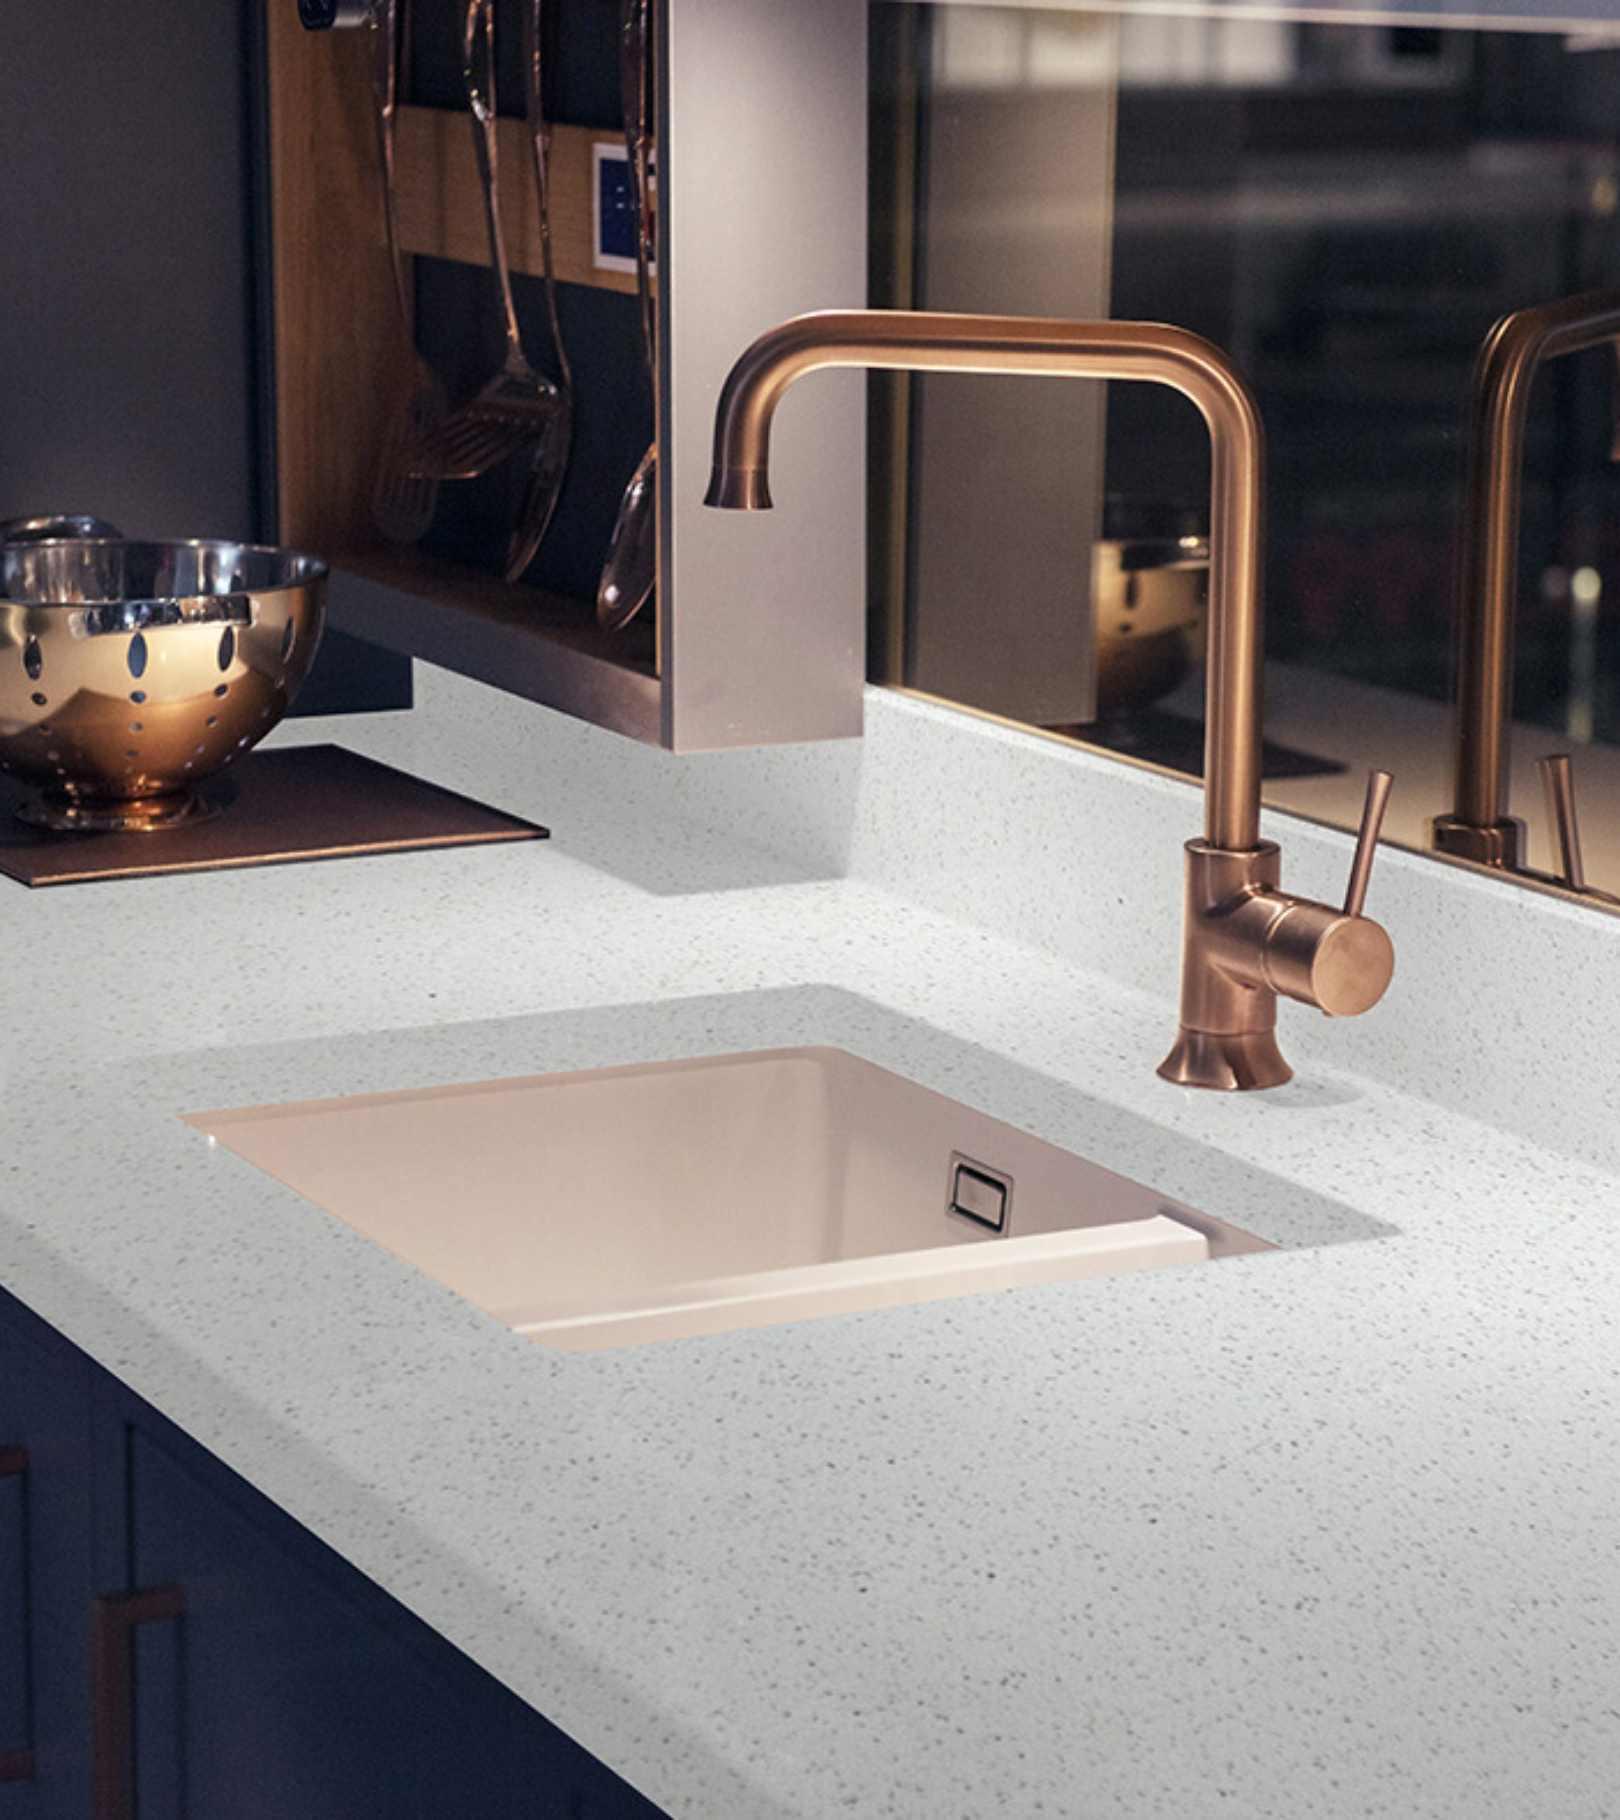 Silver Start White quartz countertop